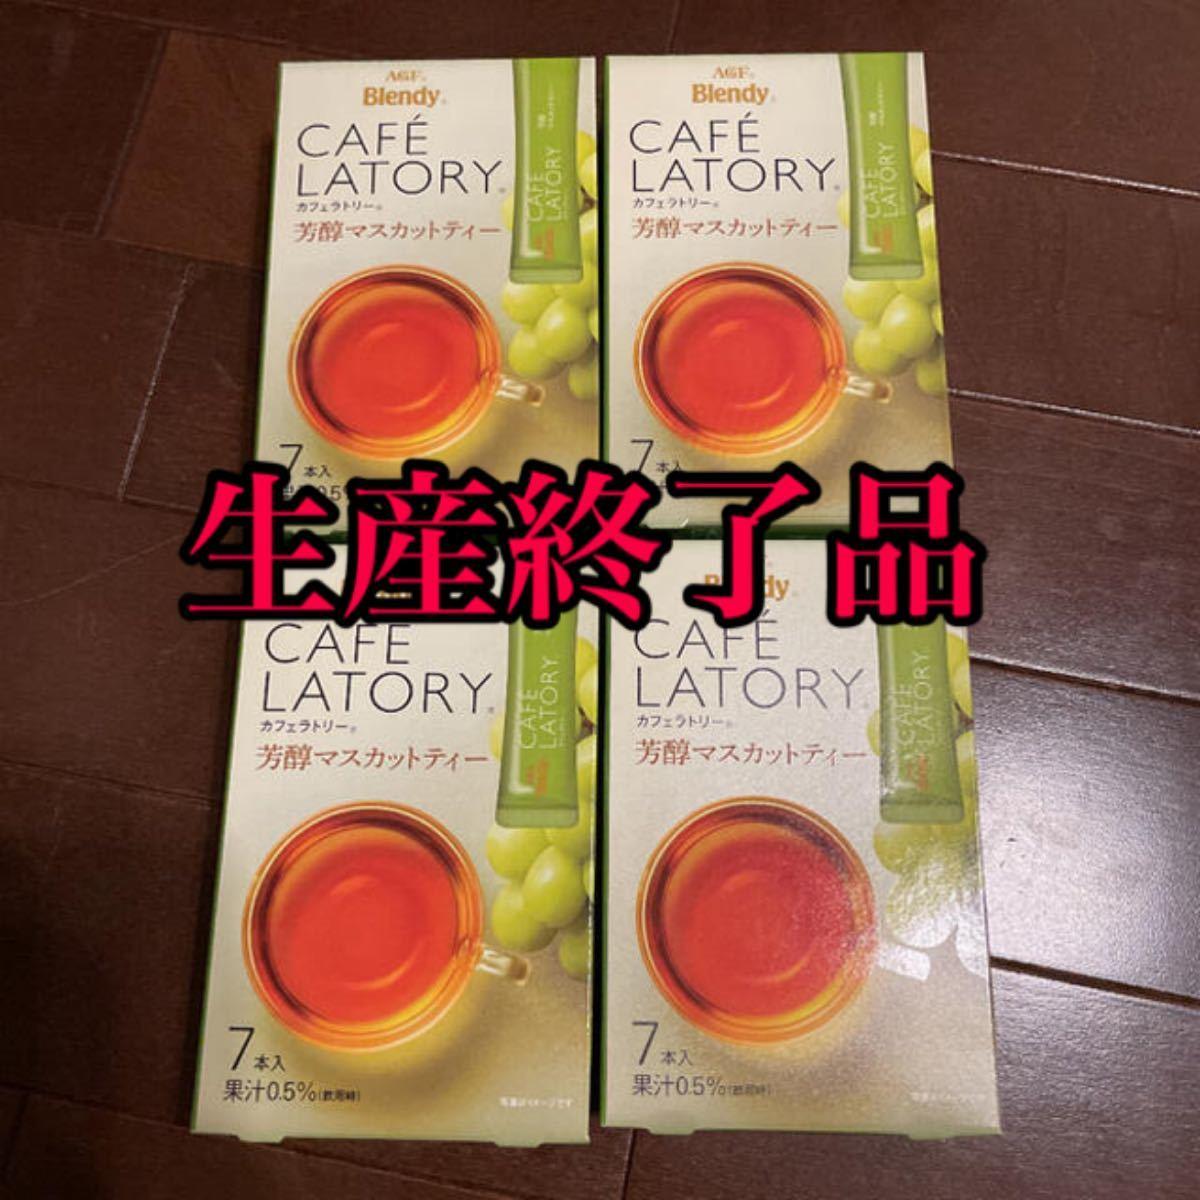 Aブレンディ カフェラトリー 生産終了 芳醇マスカットティー 4箱分 28本